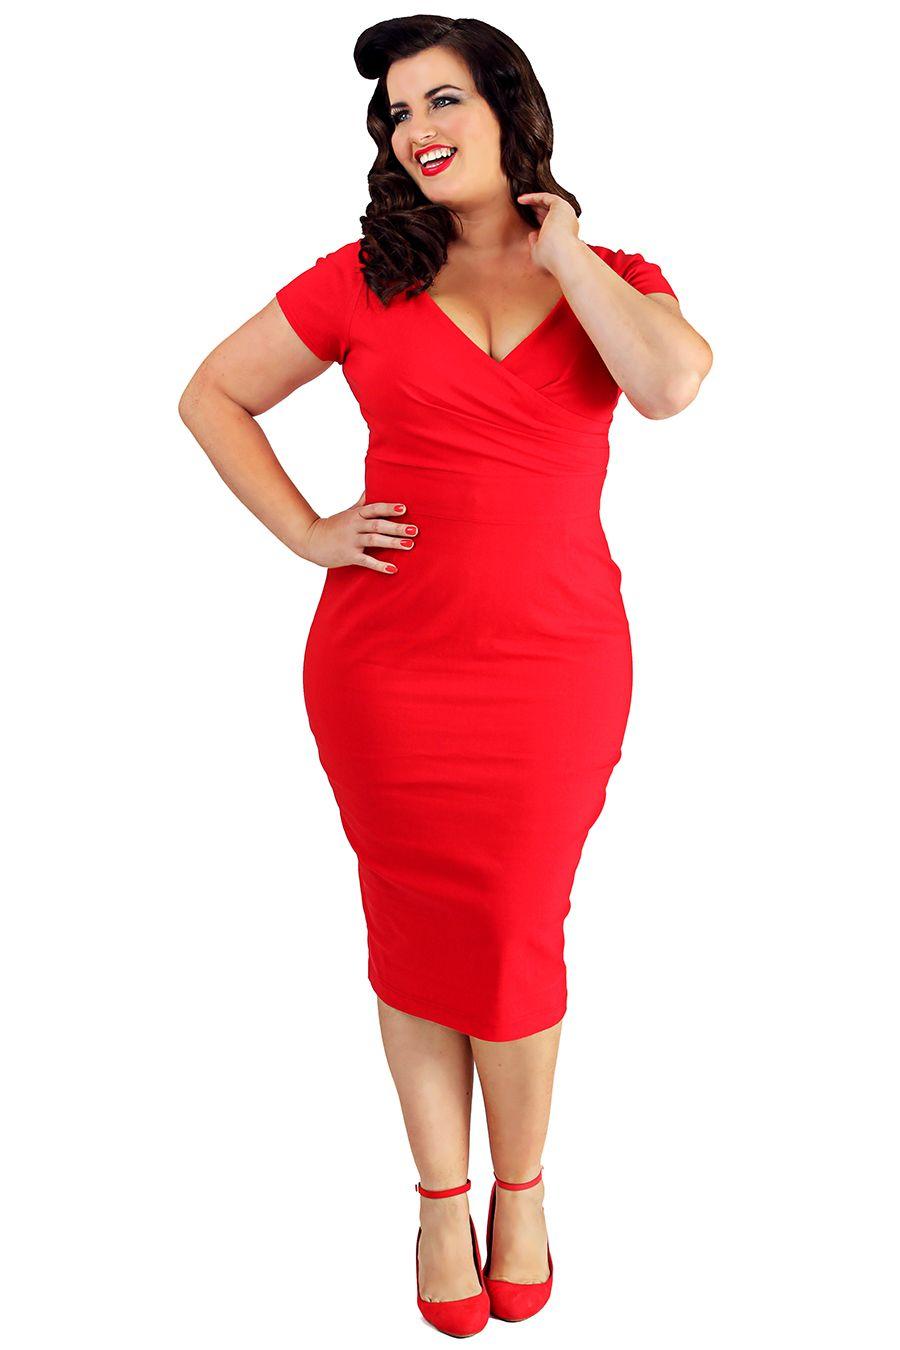 3cca4c2abcc Retro šaty Lady V London Red Ursula Retro šaty ve stylu 50. let. Stylový  kousek z londýnské módní dílny. Jednoduchá klasika v sexy ženském střihu.